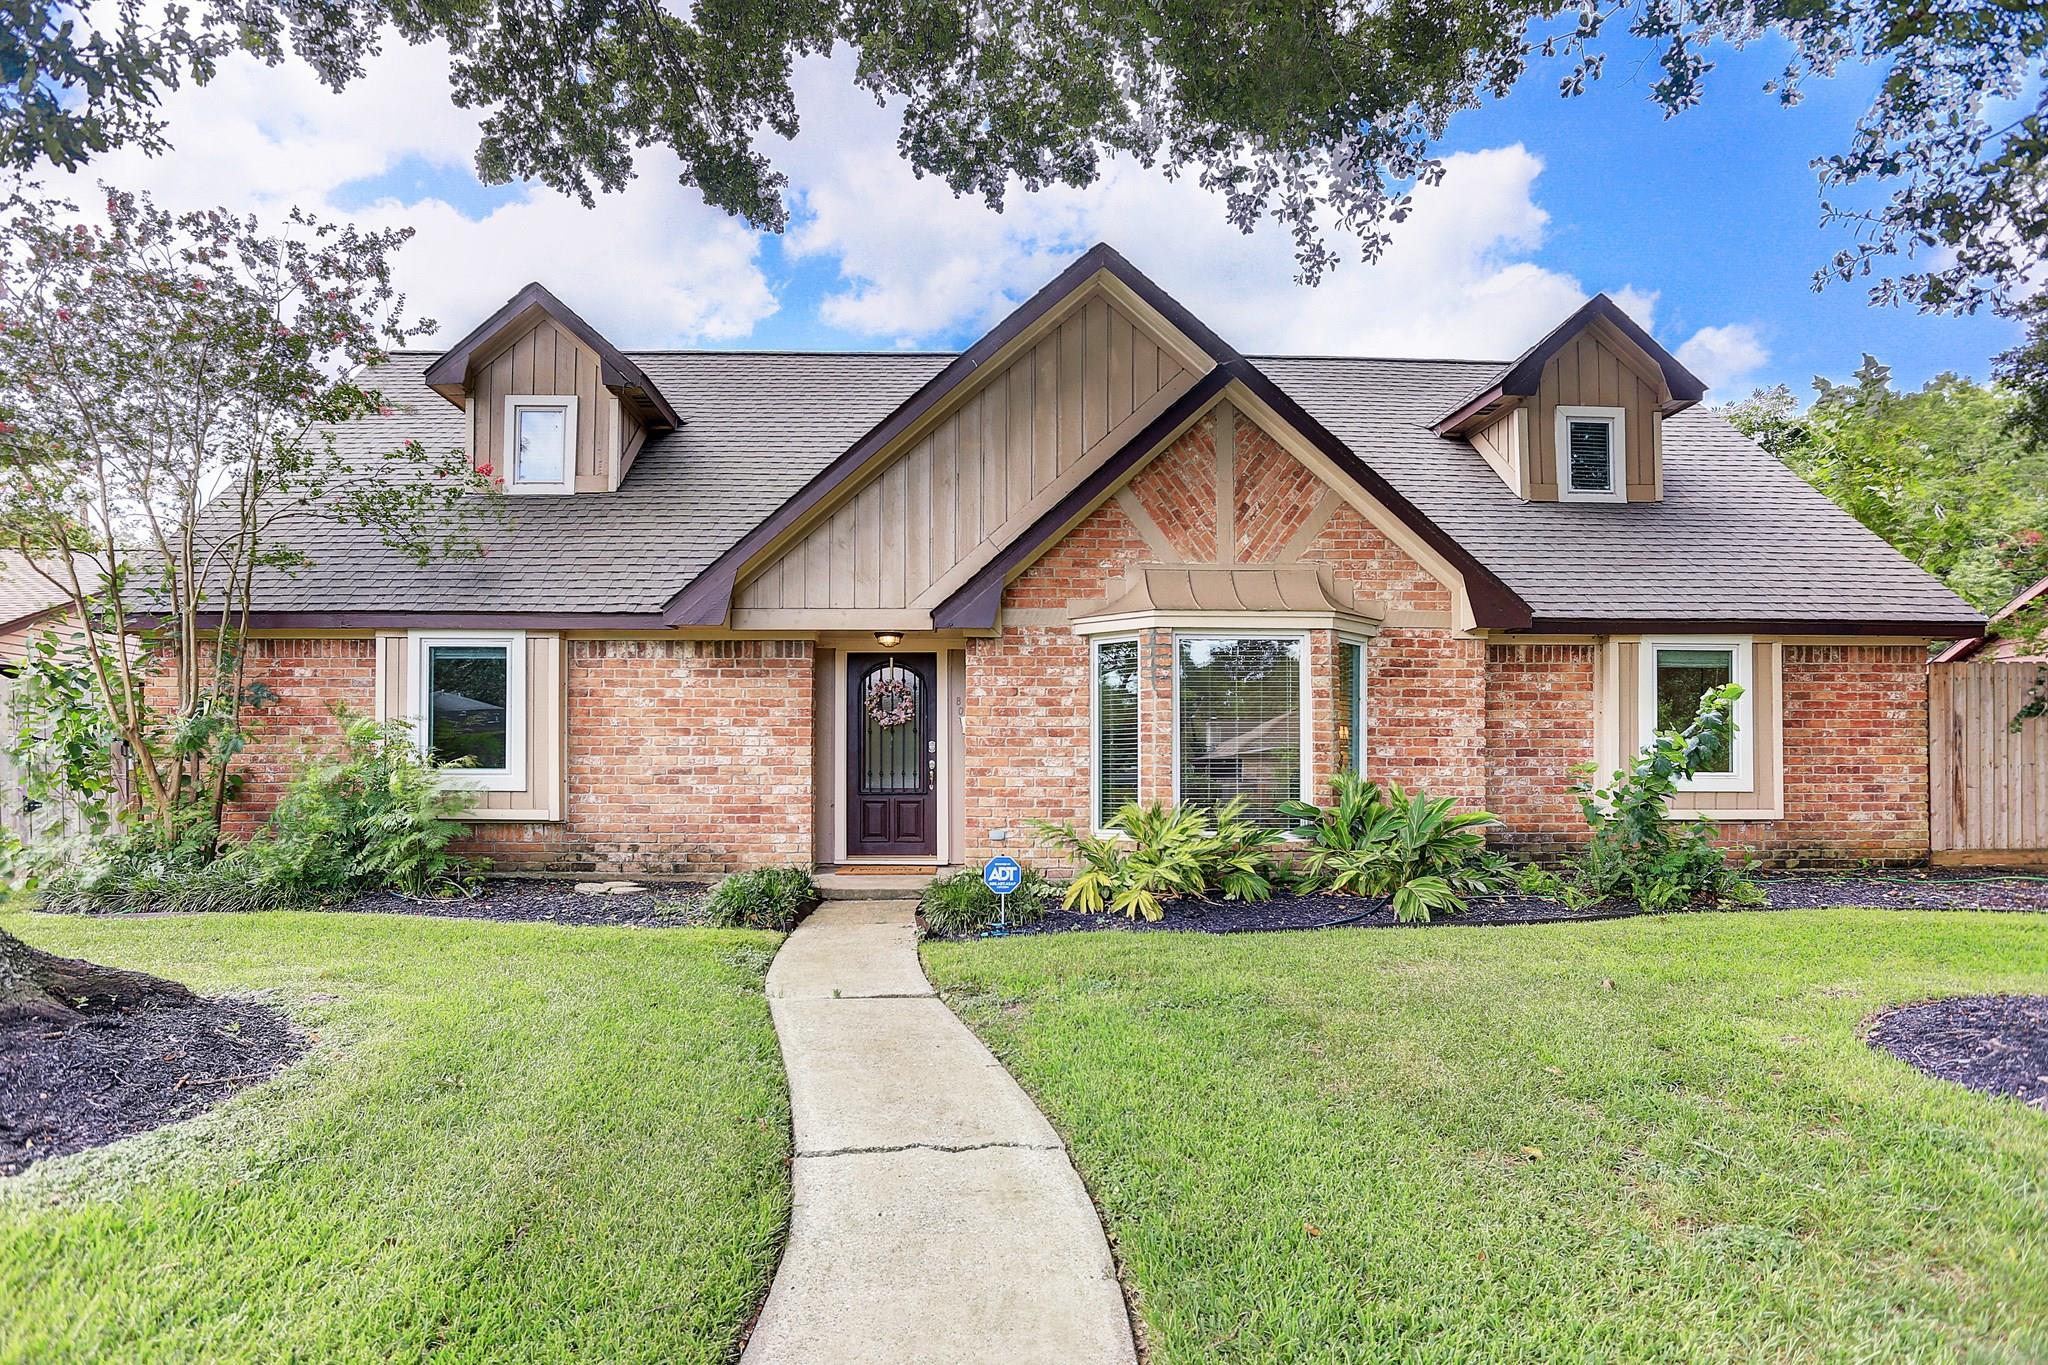 8018 Braesview Lane Property Photo - Houston, TX real estate listing